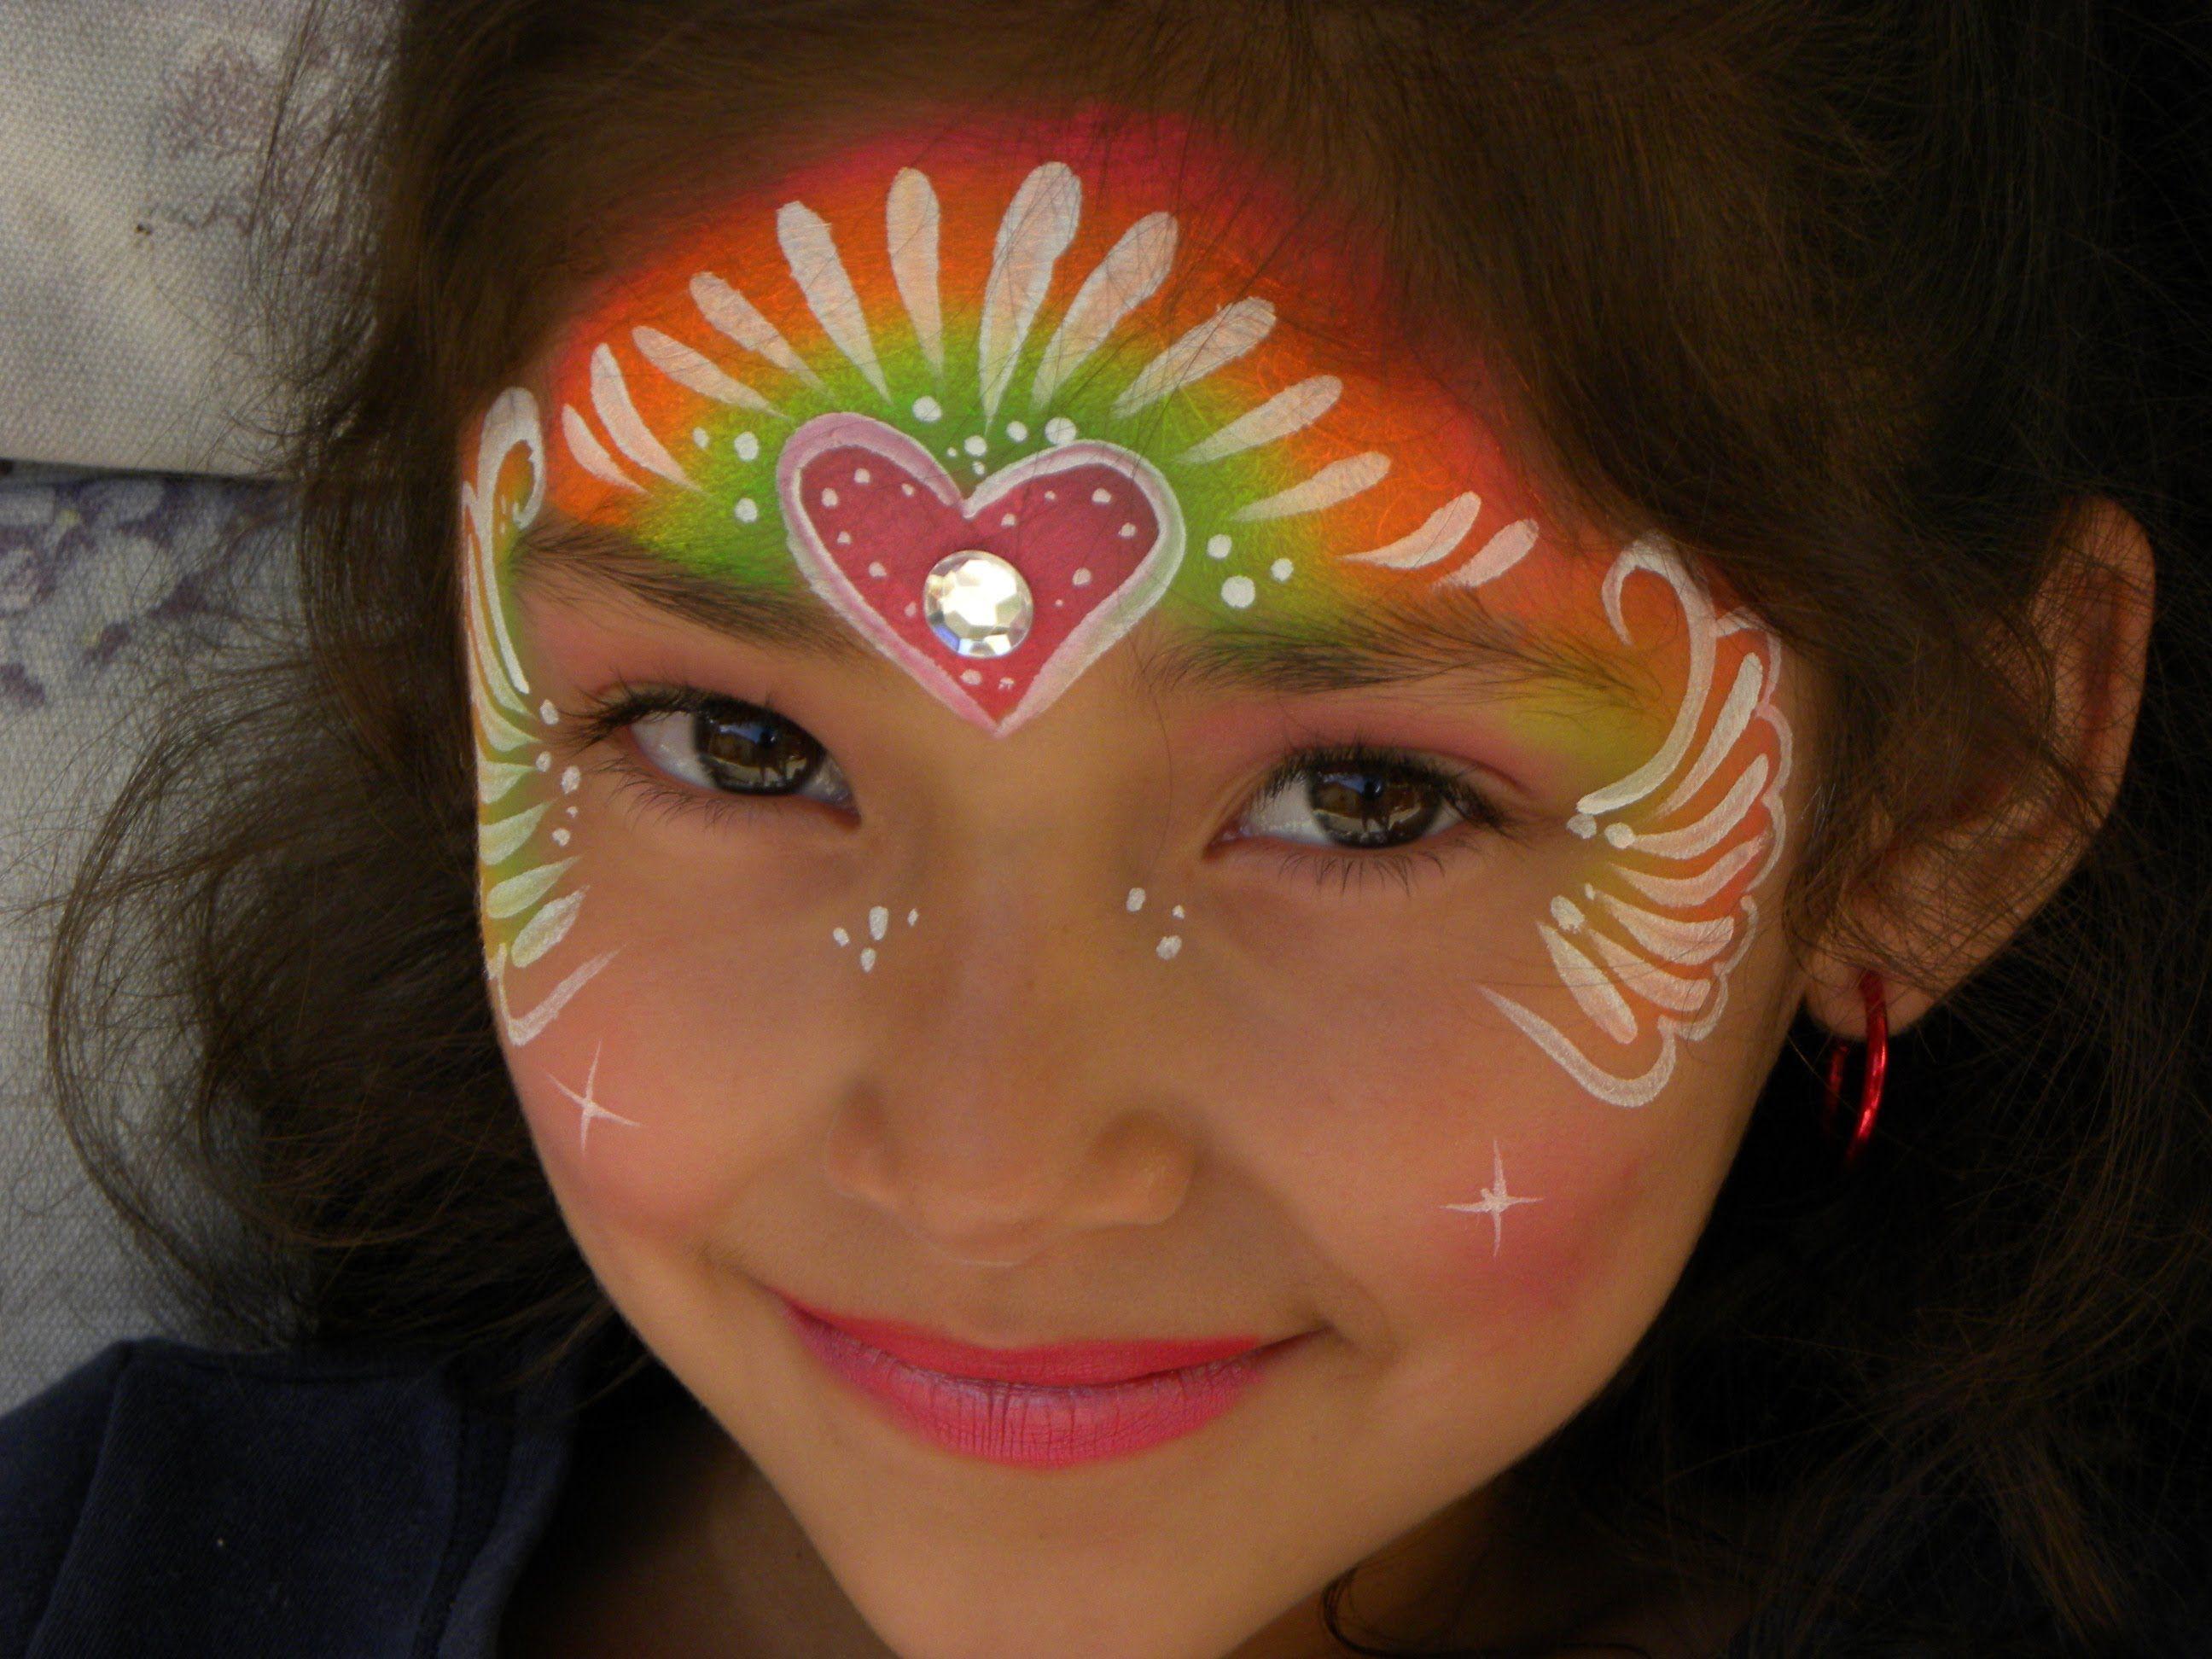 Princesa arcoiris con corazon pintacaritas para ni a - Pinturas de cara para ninos ...